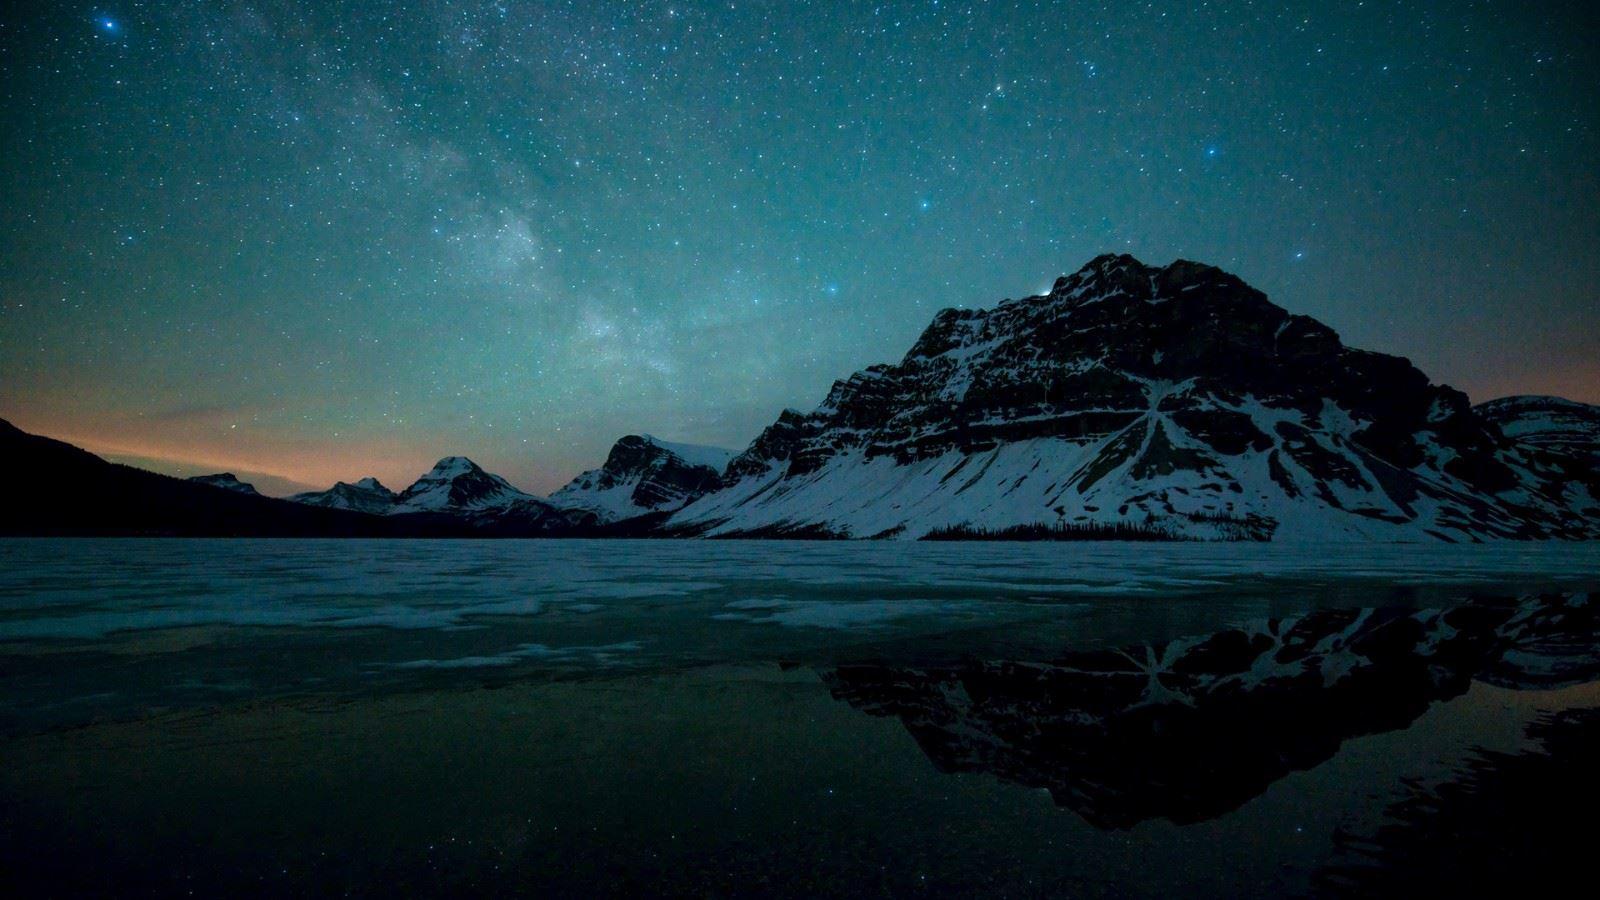 国家公园夜晚星光璀璨梦